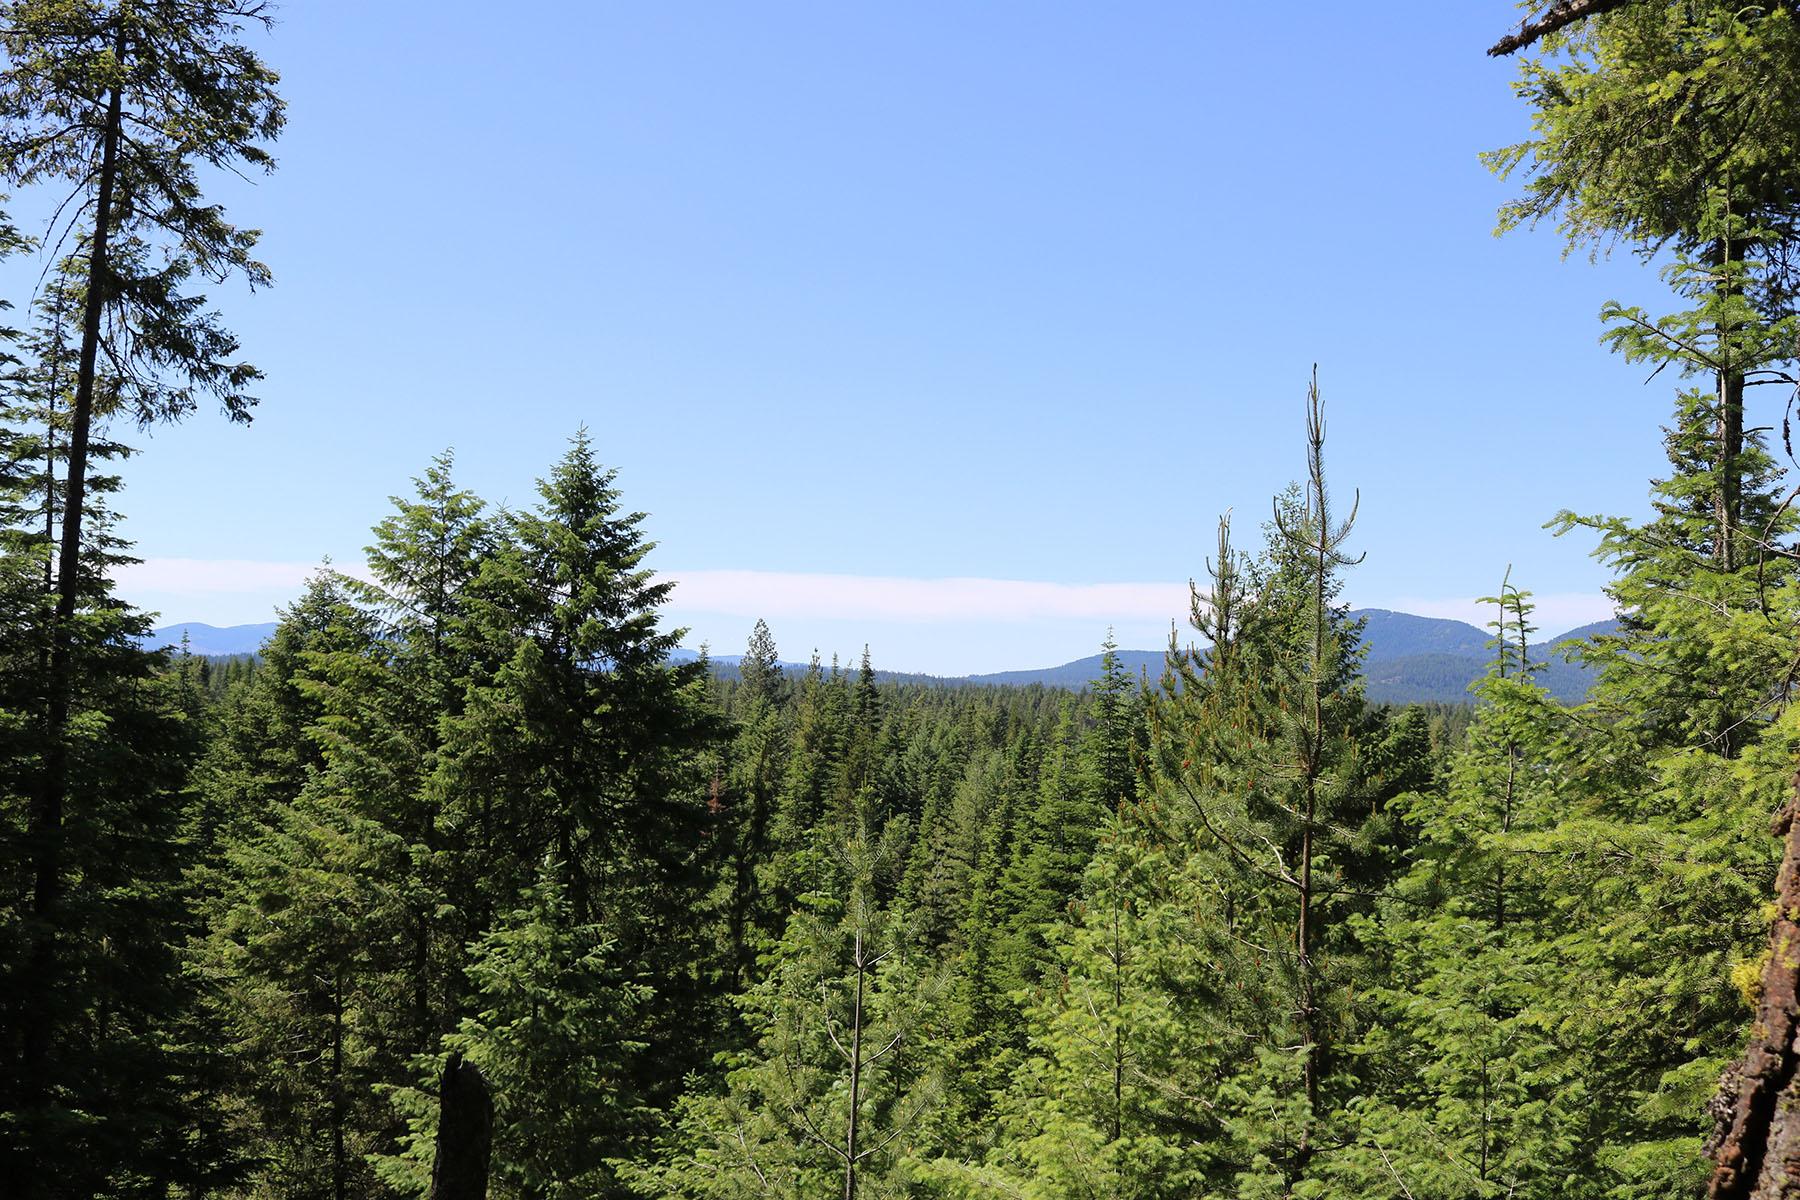 Terreno por un Venta en Beautiful Private 20 Acre View Lot NNA Iora Ln Careywood, Idaho, 83809 Estados Unidos